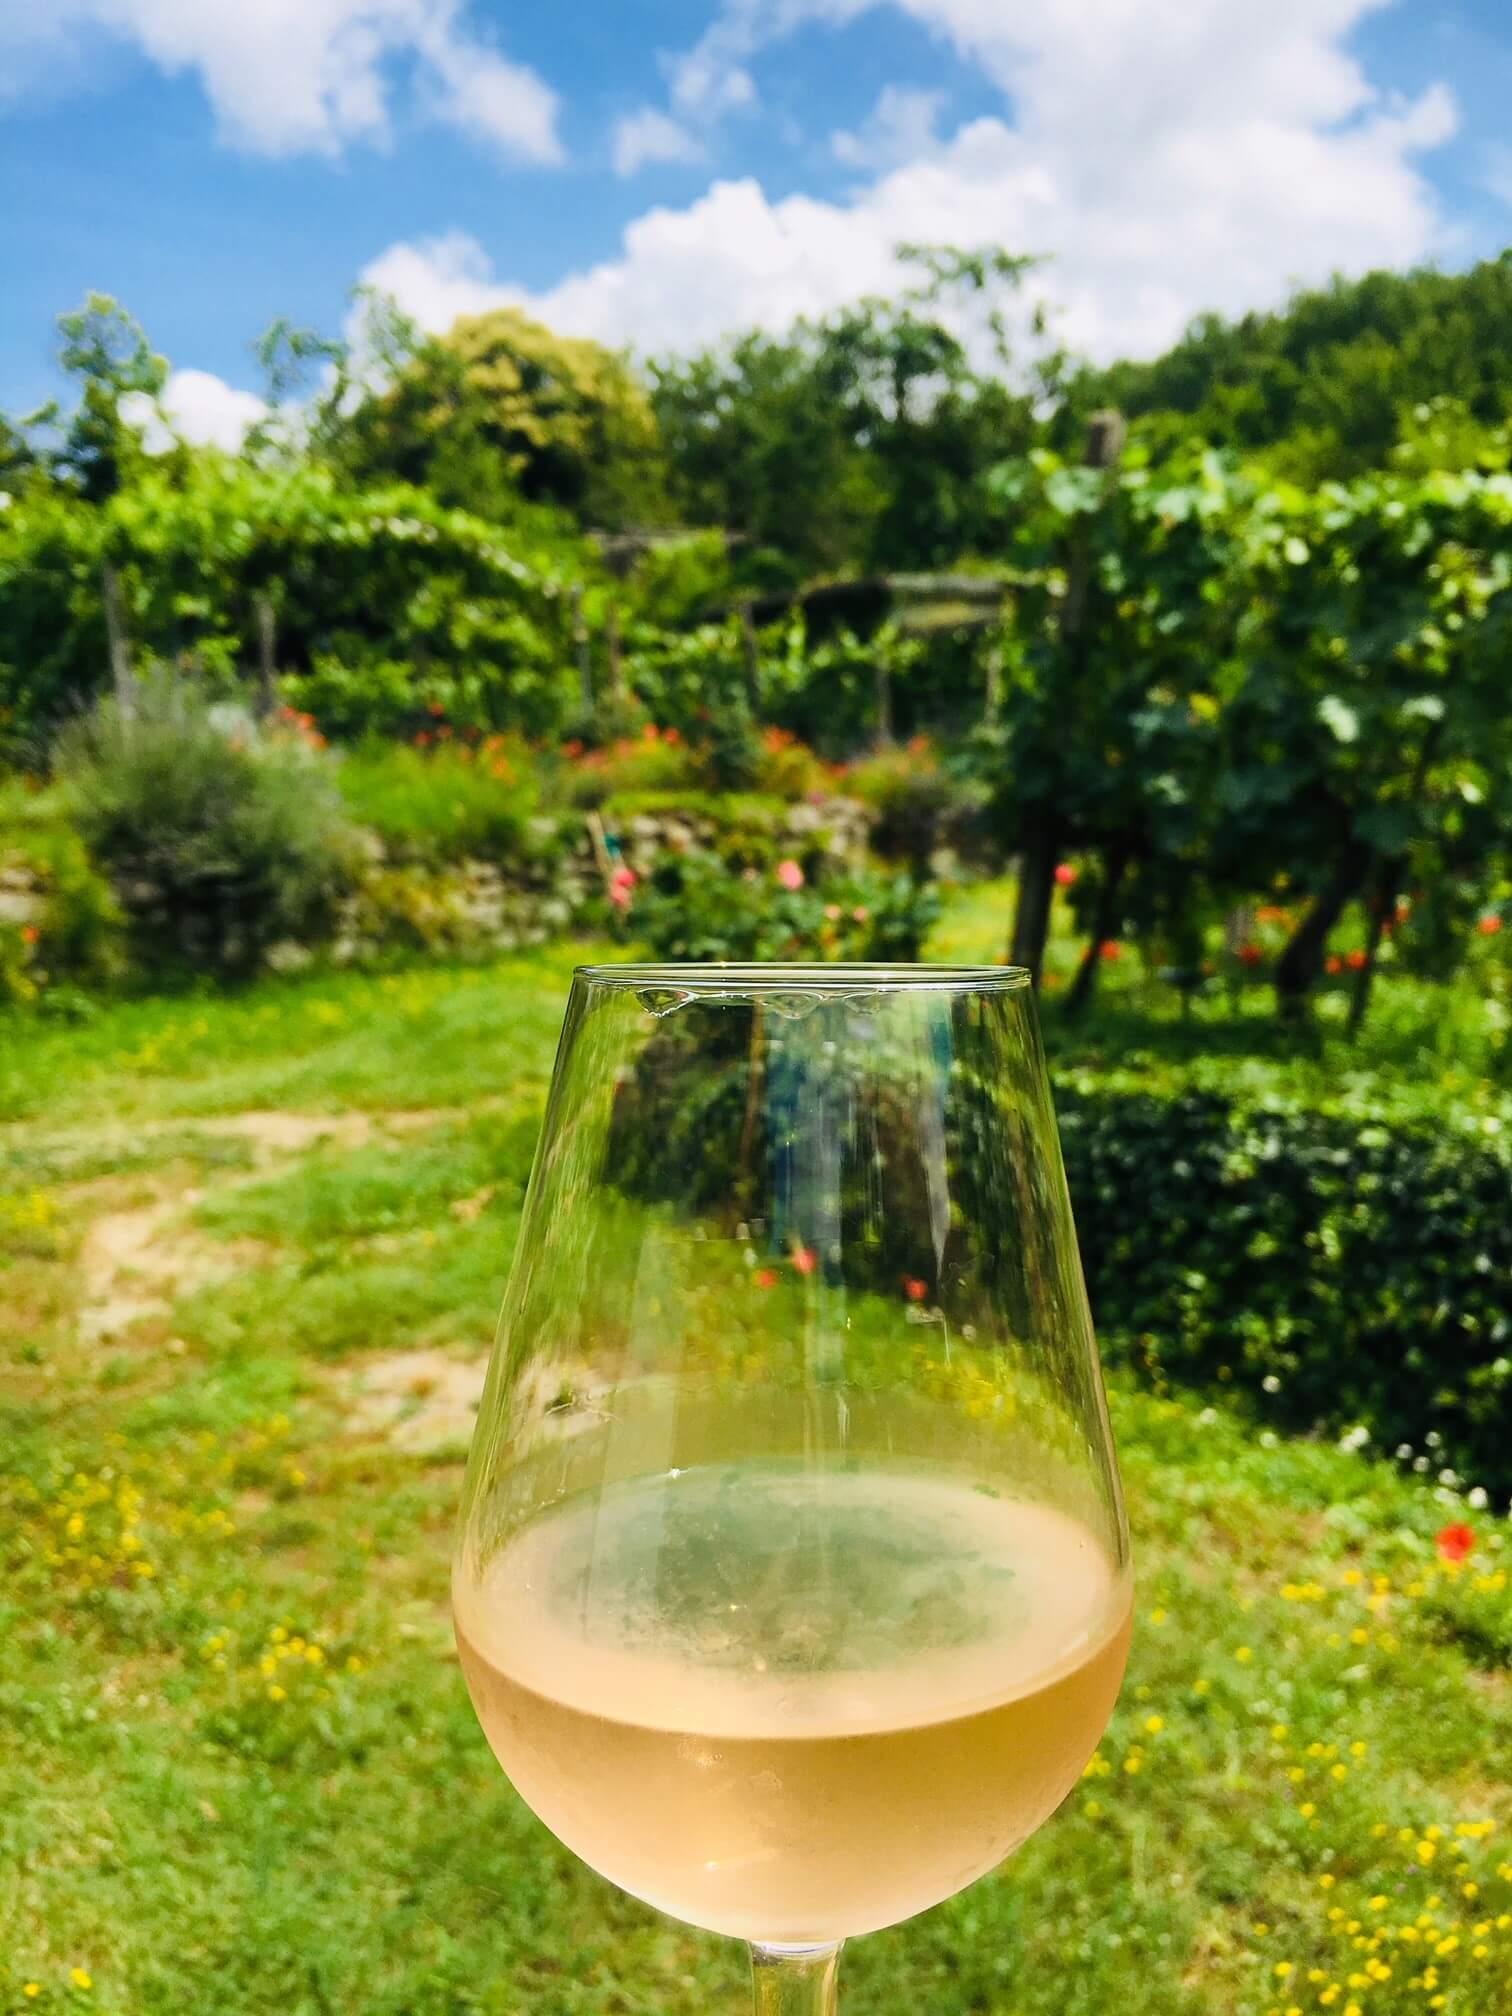 Vi nordmenn har latt oss forføre av rosa vin. Rosévin har hatt en enorm salgsøkning. Den er lett som en hvitvin, innbydende i farge, frisk og svært matvennlig. Her kan du lese litt om hvordan denne vinen blir til og noen forslag til roséviner.